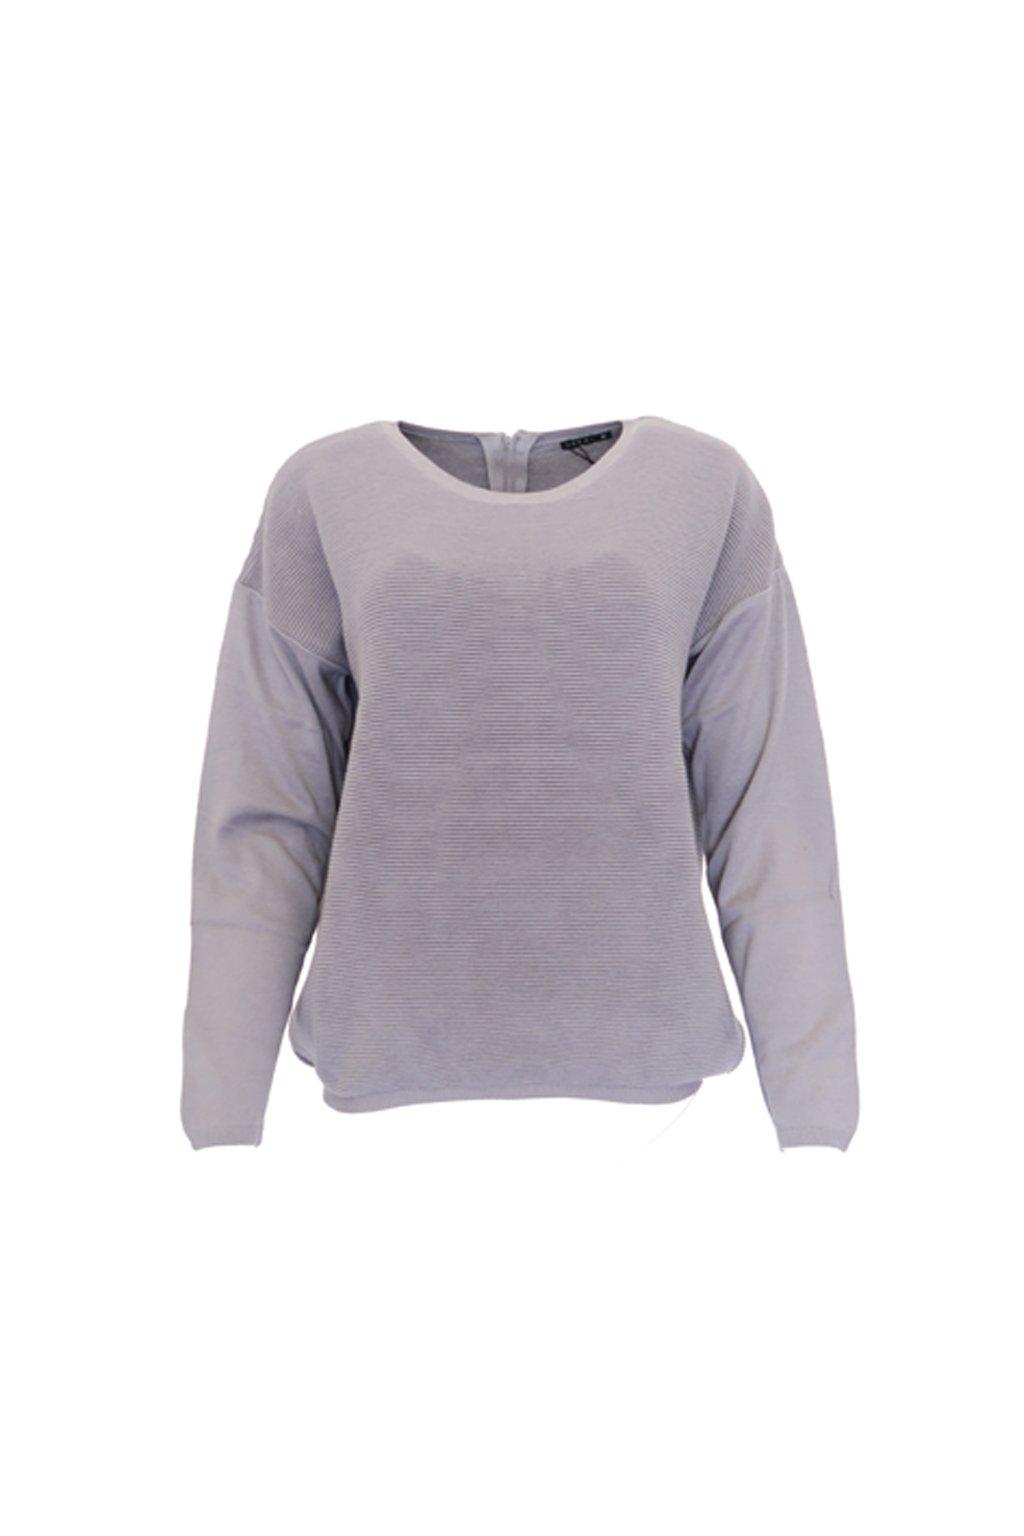 Šedý svetr s krystalky Bréal